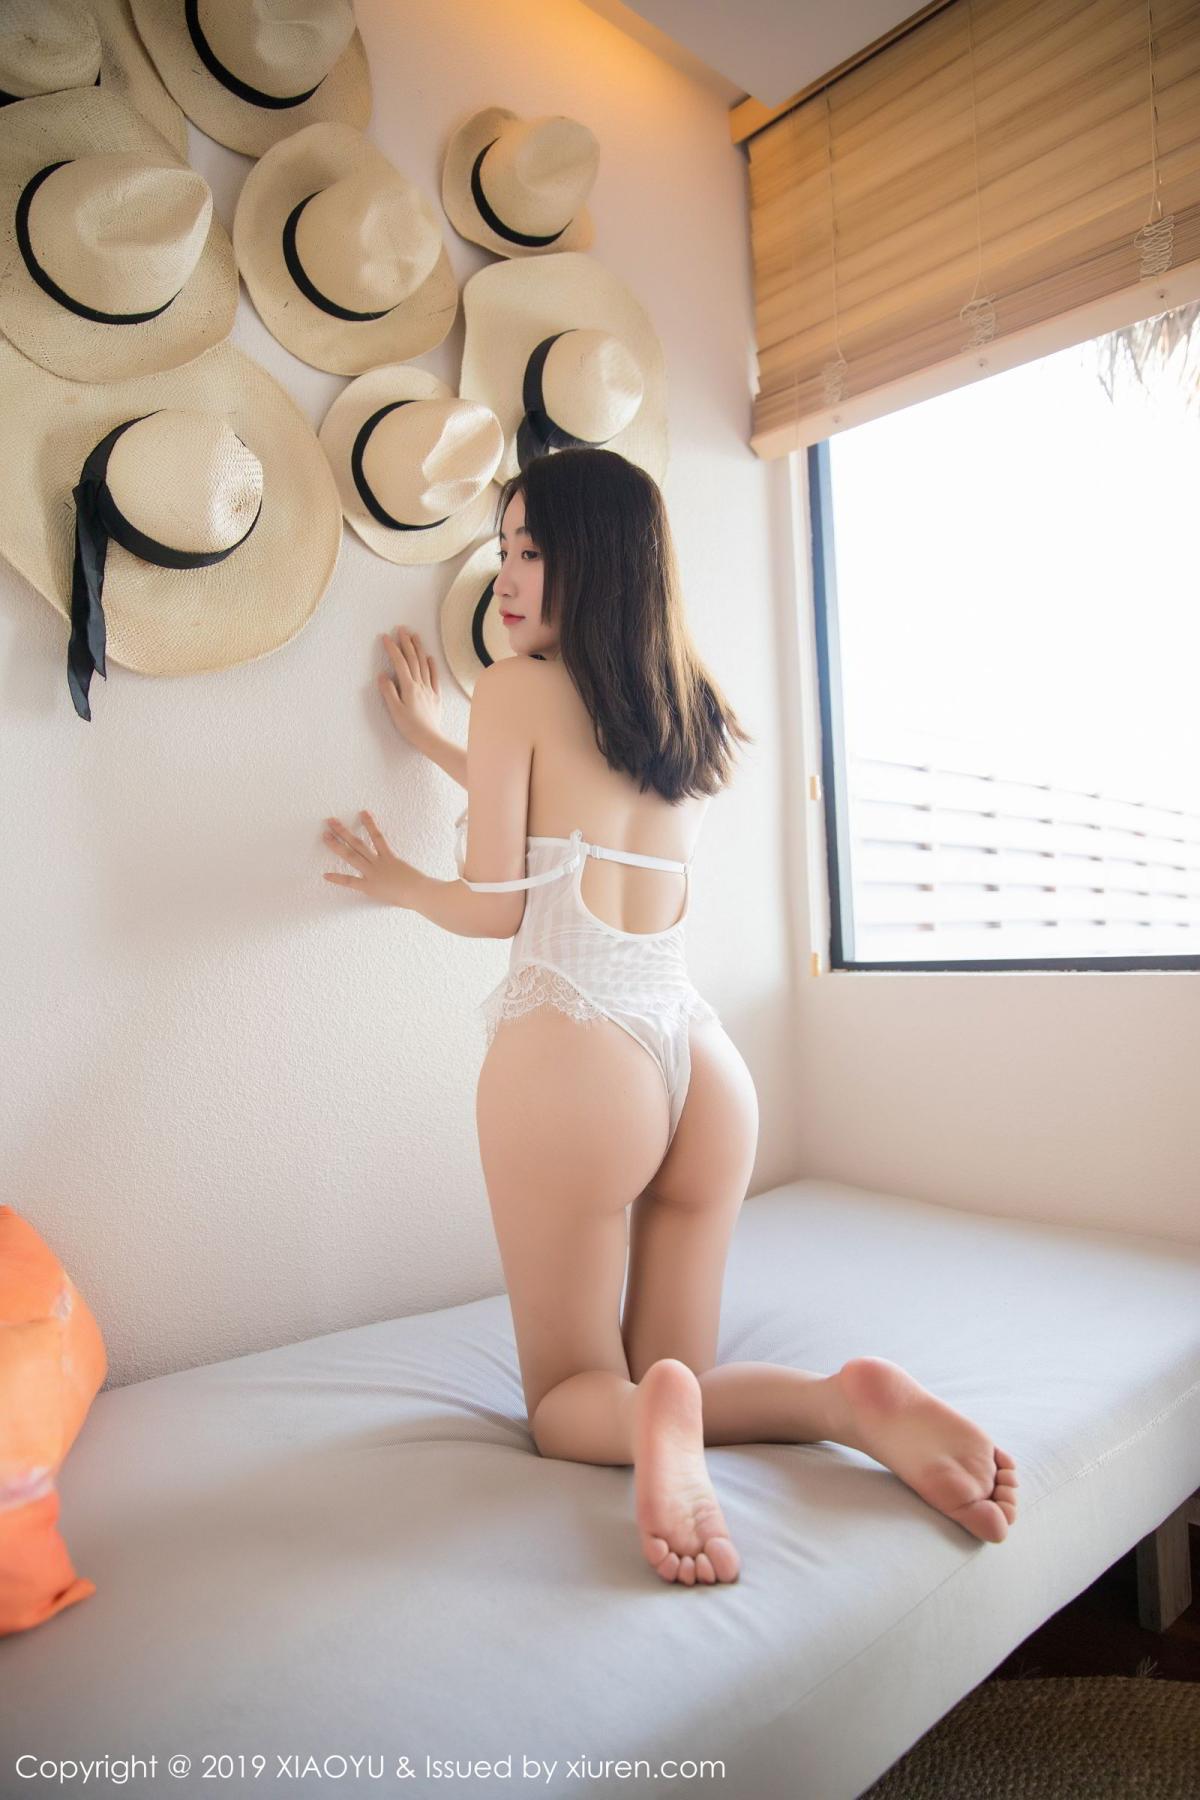 [XiaoYu] Vol.147 Xie Zhi Xin 10P, Bathroom, Big Booty, Wet, XiaoYu, Xie Zhi Xin